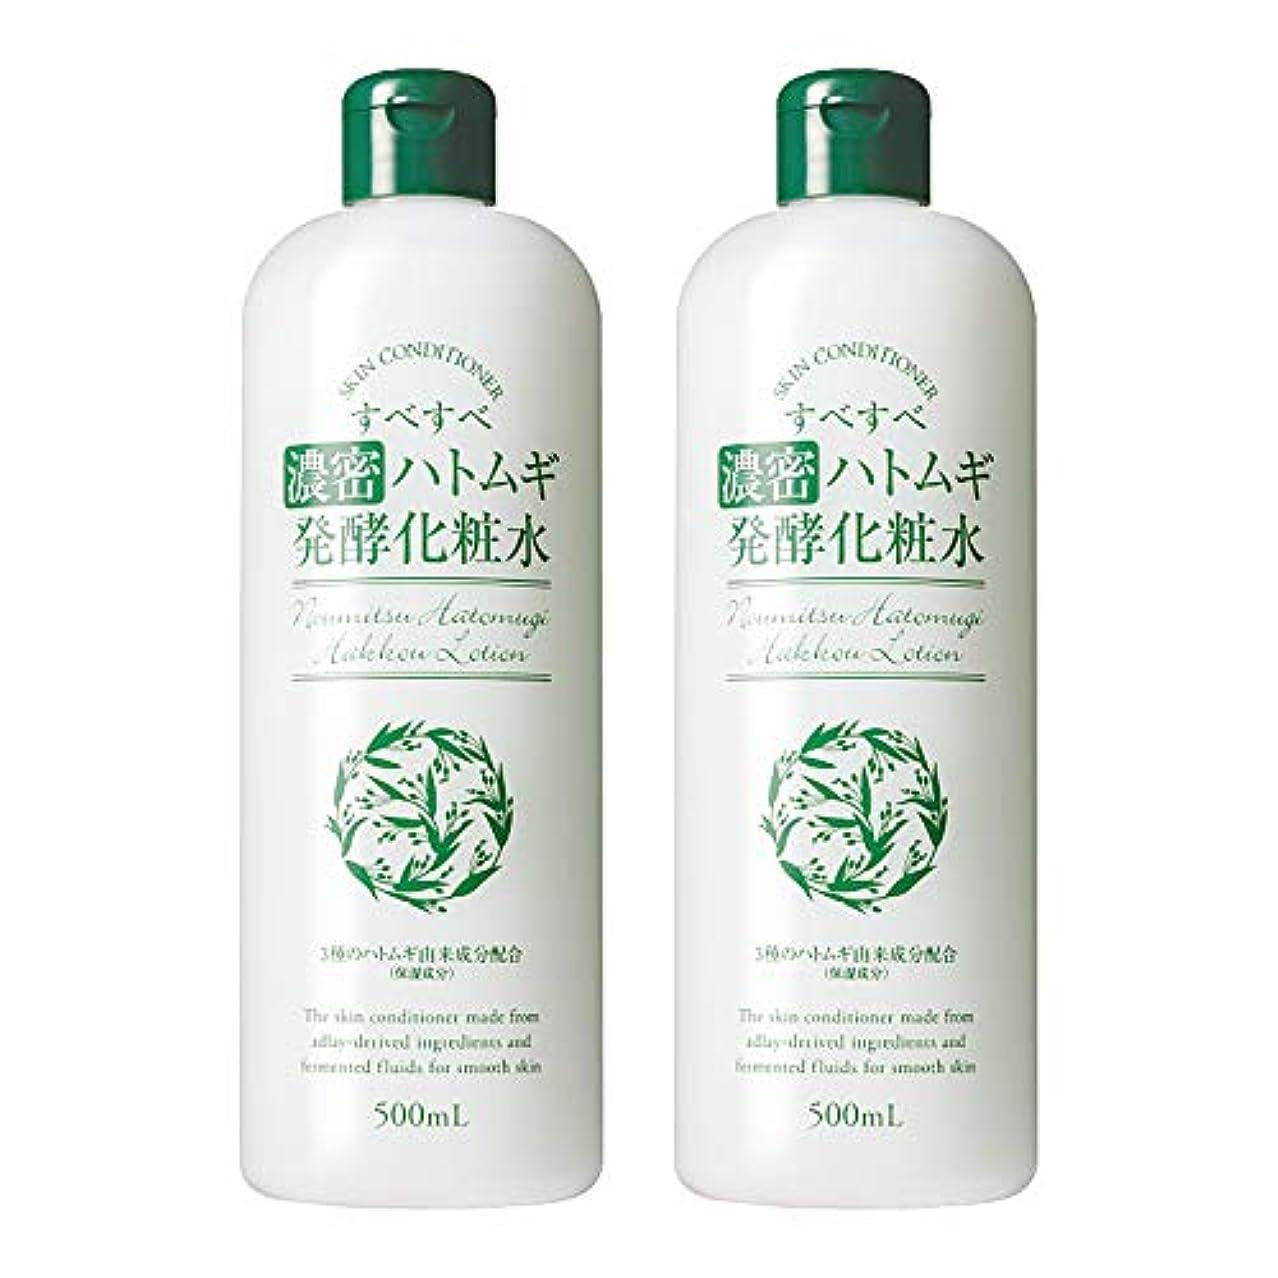 出くわす種類ボリュームすべすべ 濃密ハトムギ発酵化粧水 2本組 07318